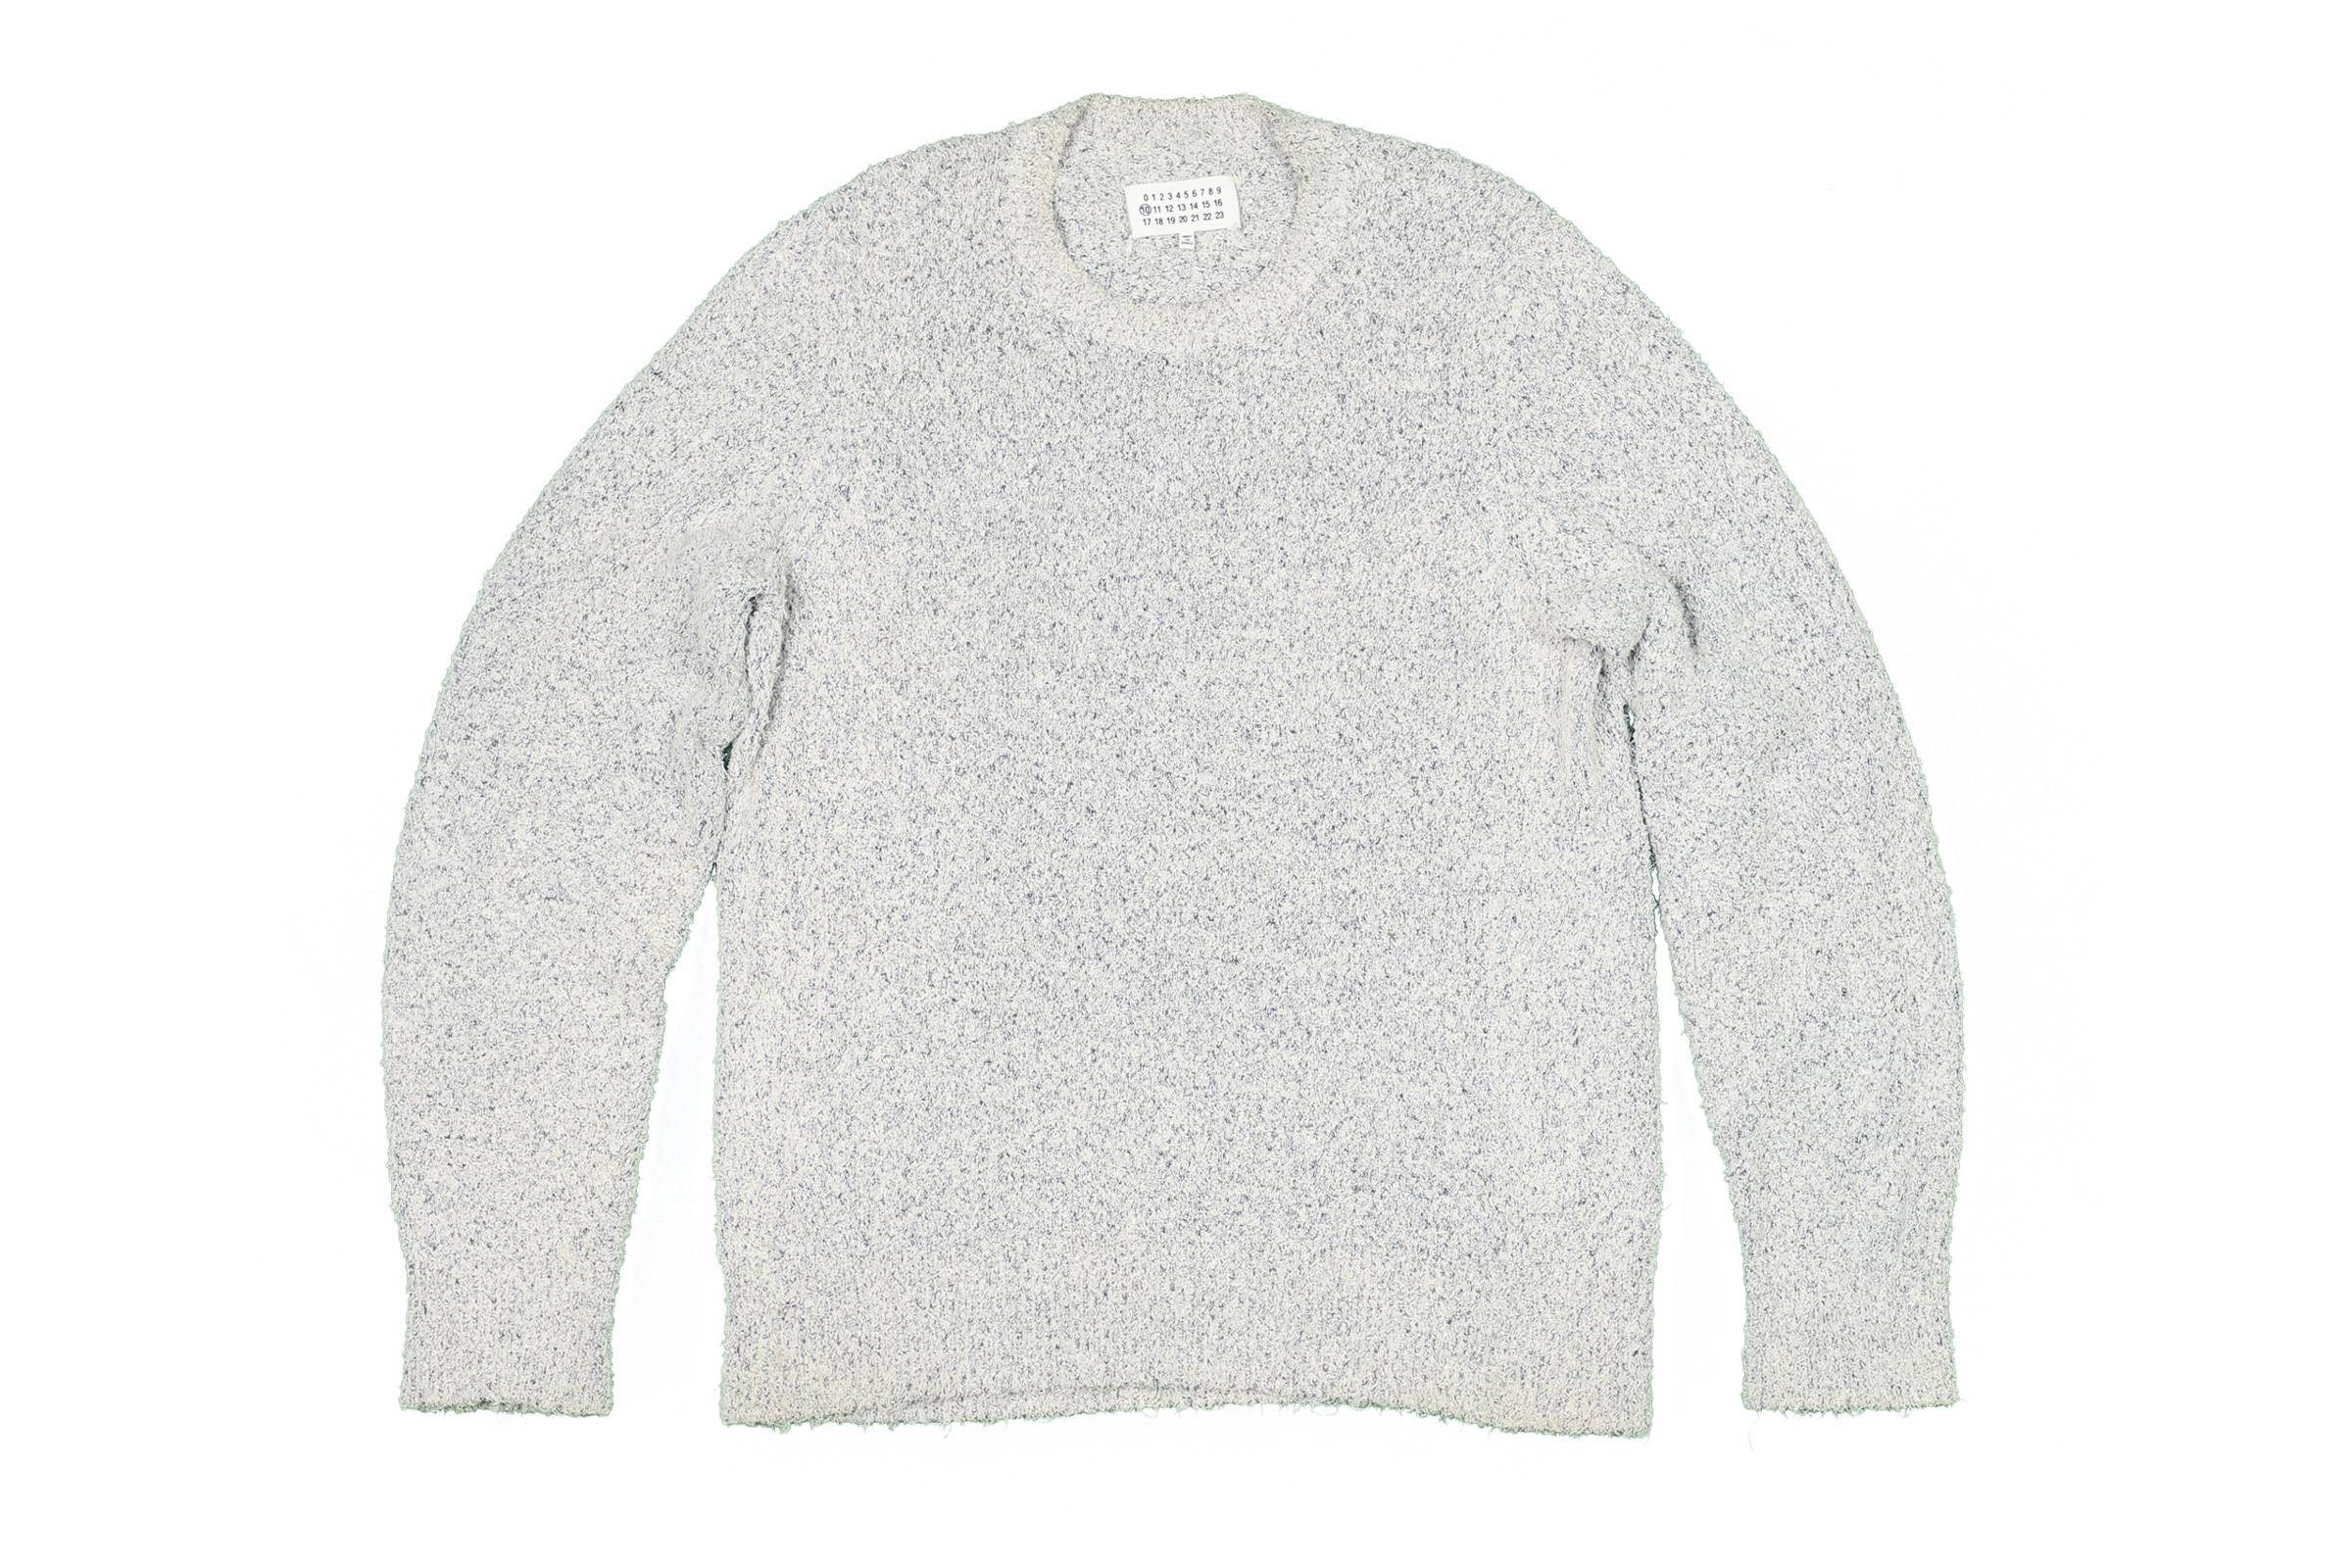 Maison Margiela Spring/Summer 2015 Boucle Sweater